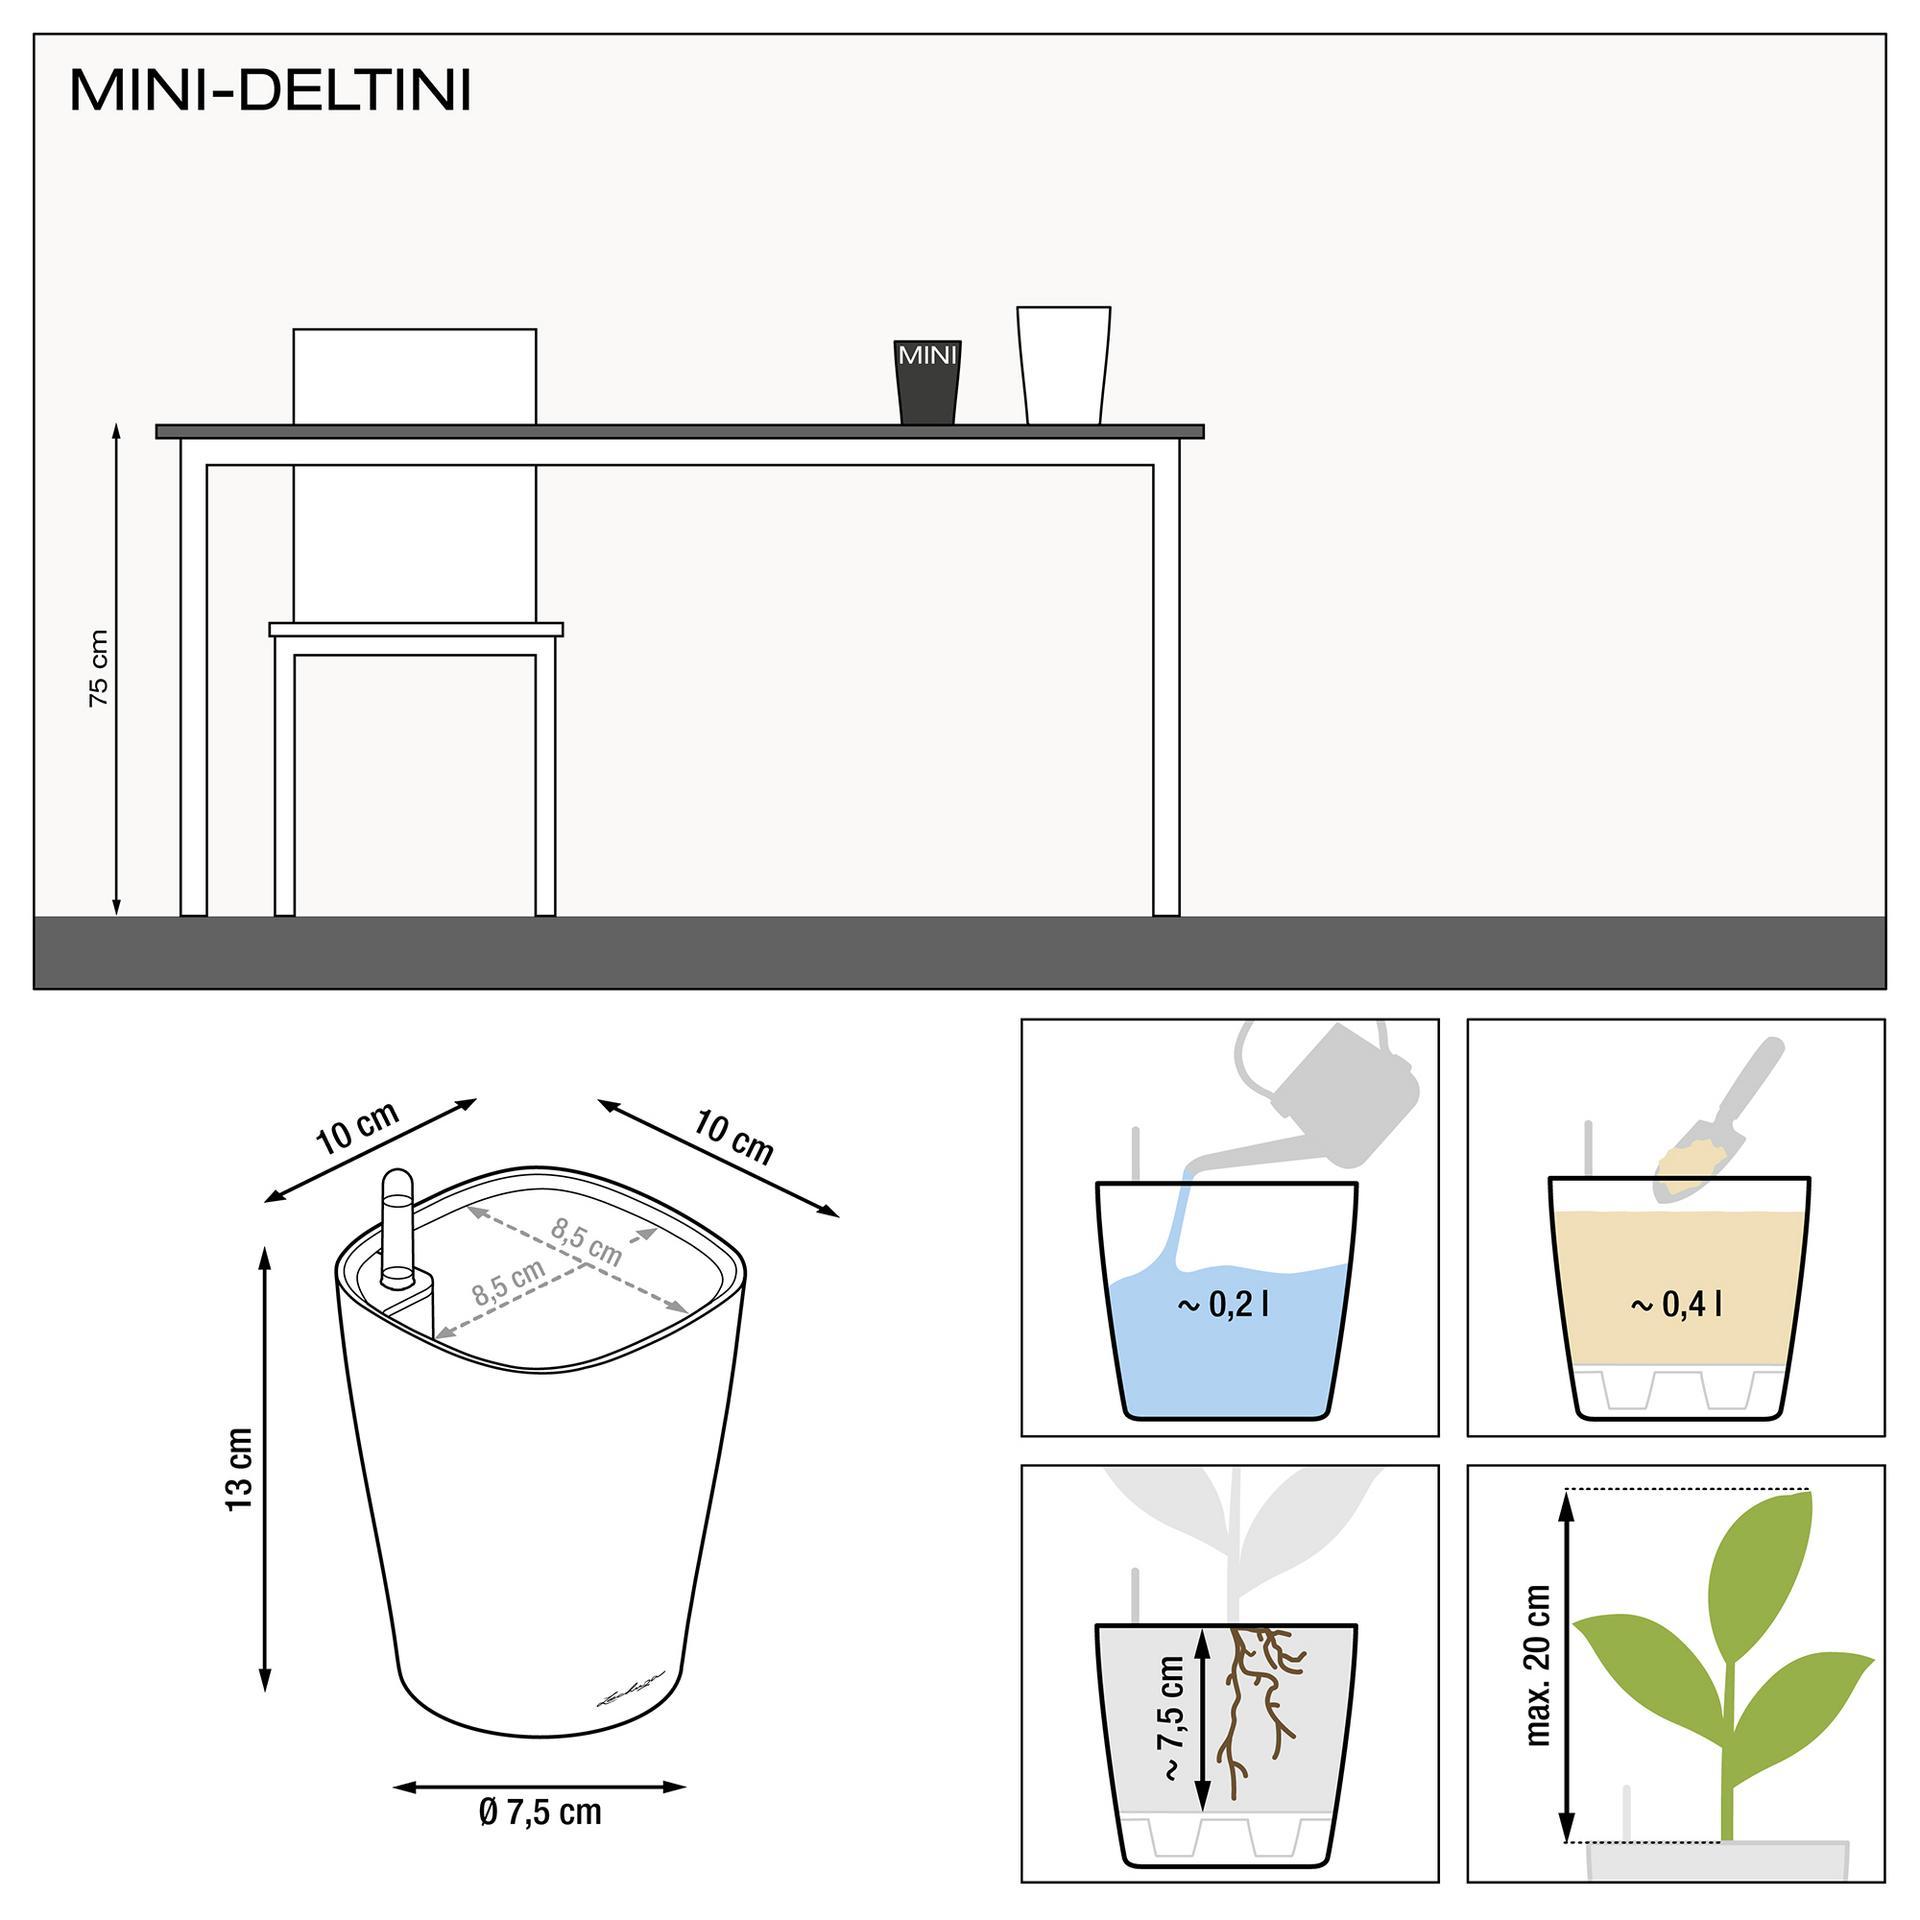 le_deltini-10_product_addi_nz